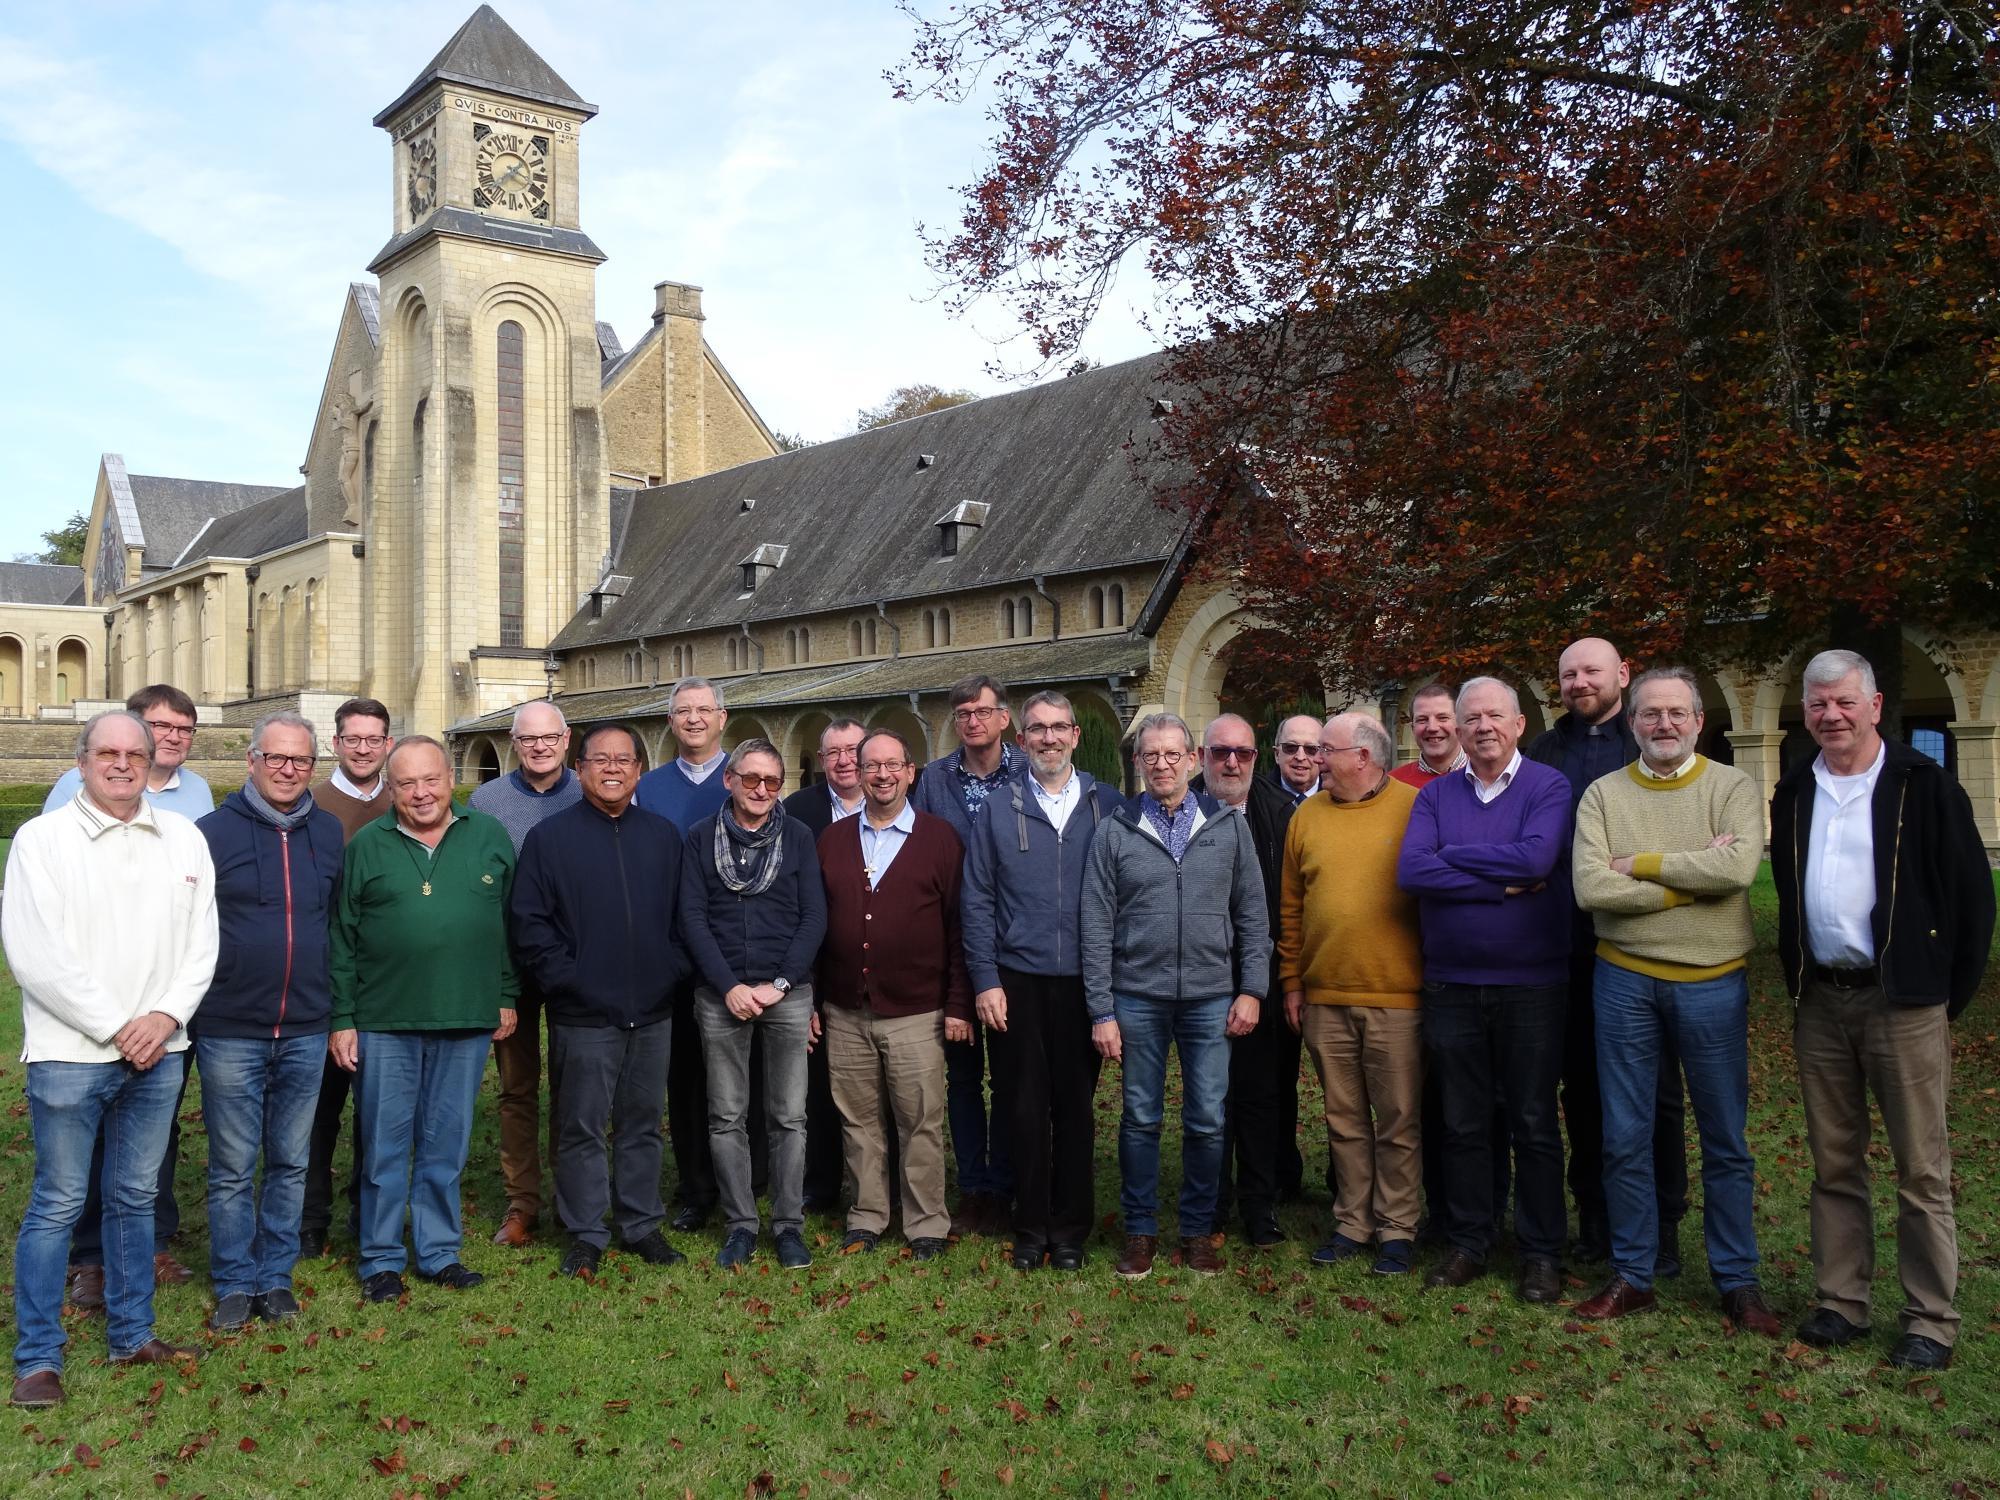 Groepsfoto met Mgr. Bonny en de deelnemers aan de abdijdagen © Bisdom Antwerpen